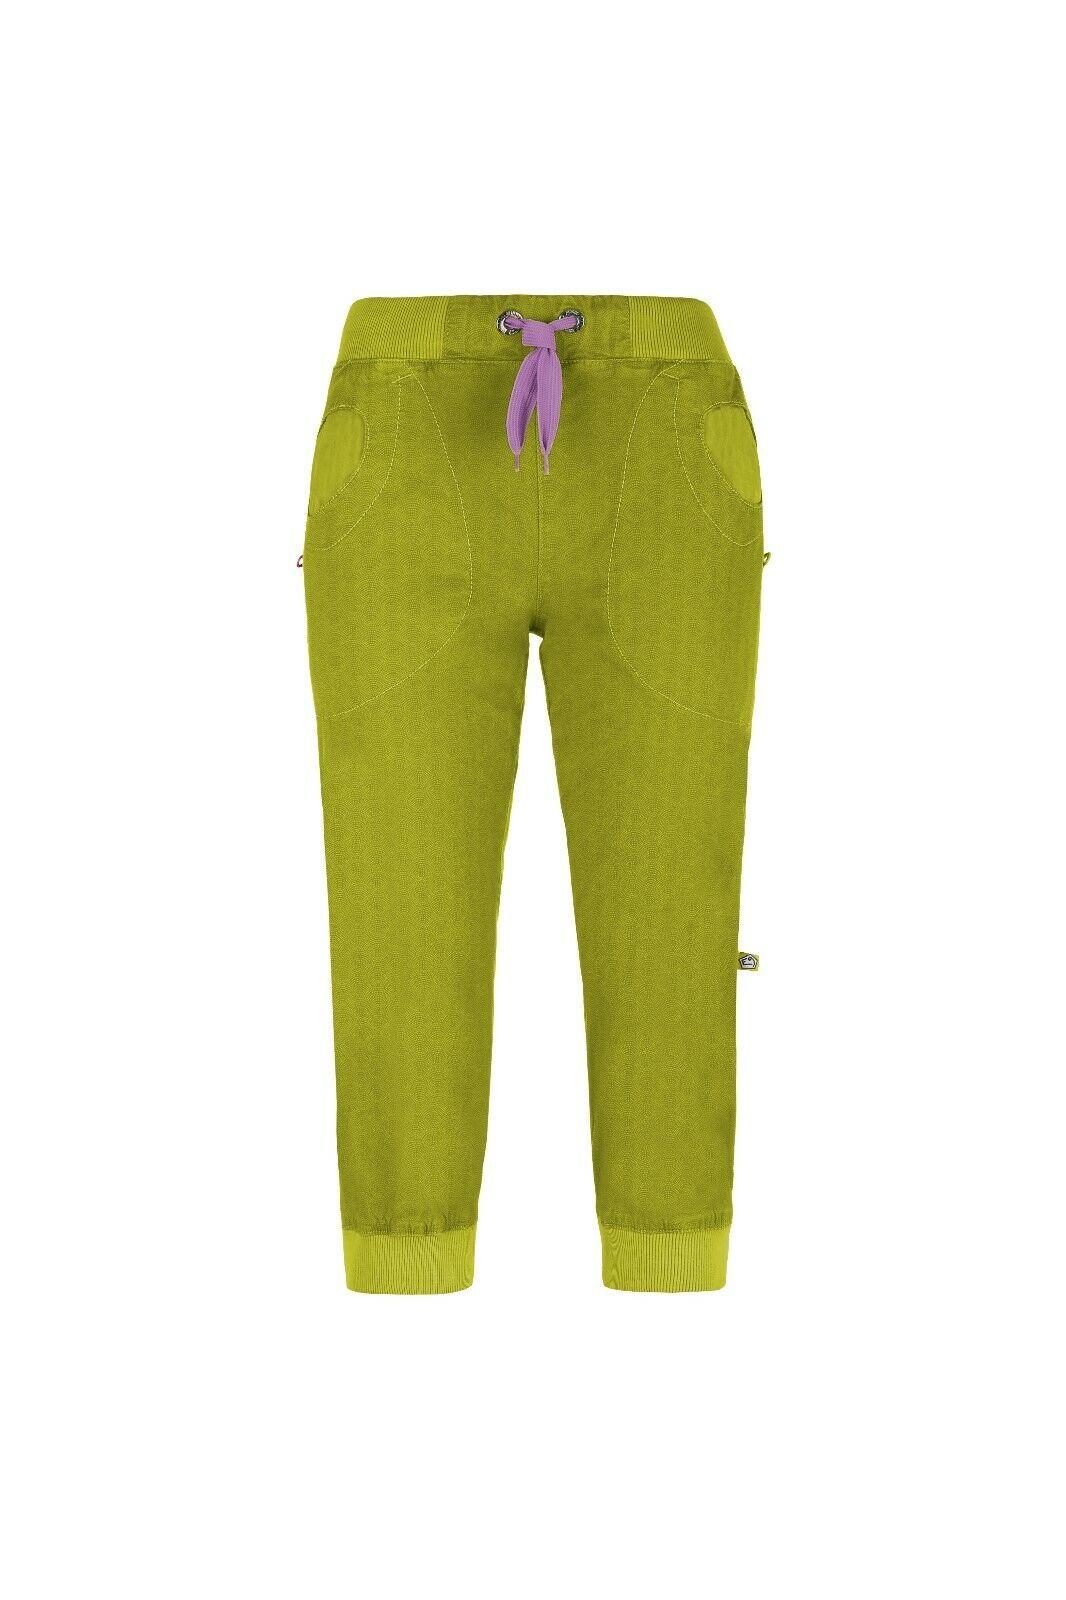 E9 Remix 19 3 4 - Long Lightweight Women's Trousers Climbing Pants Apple